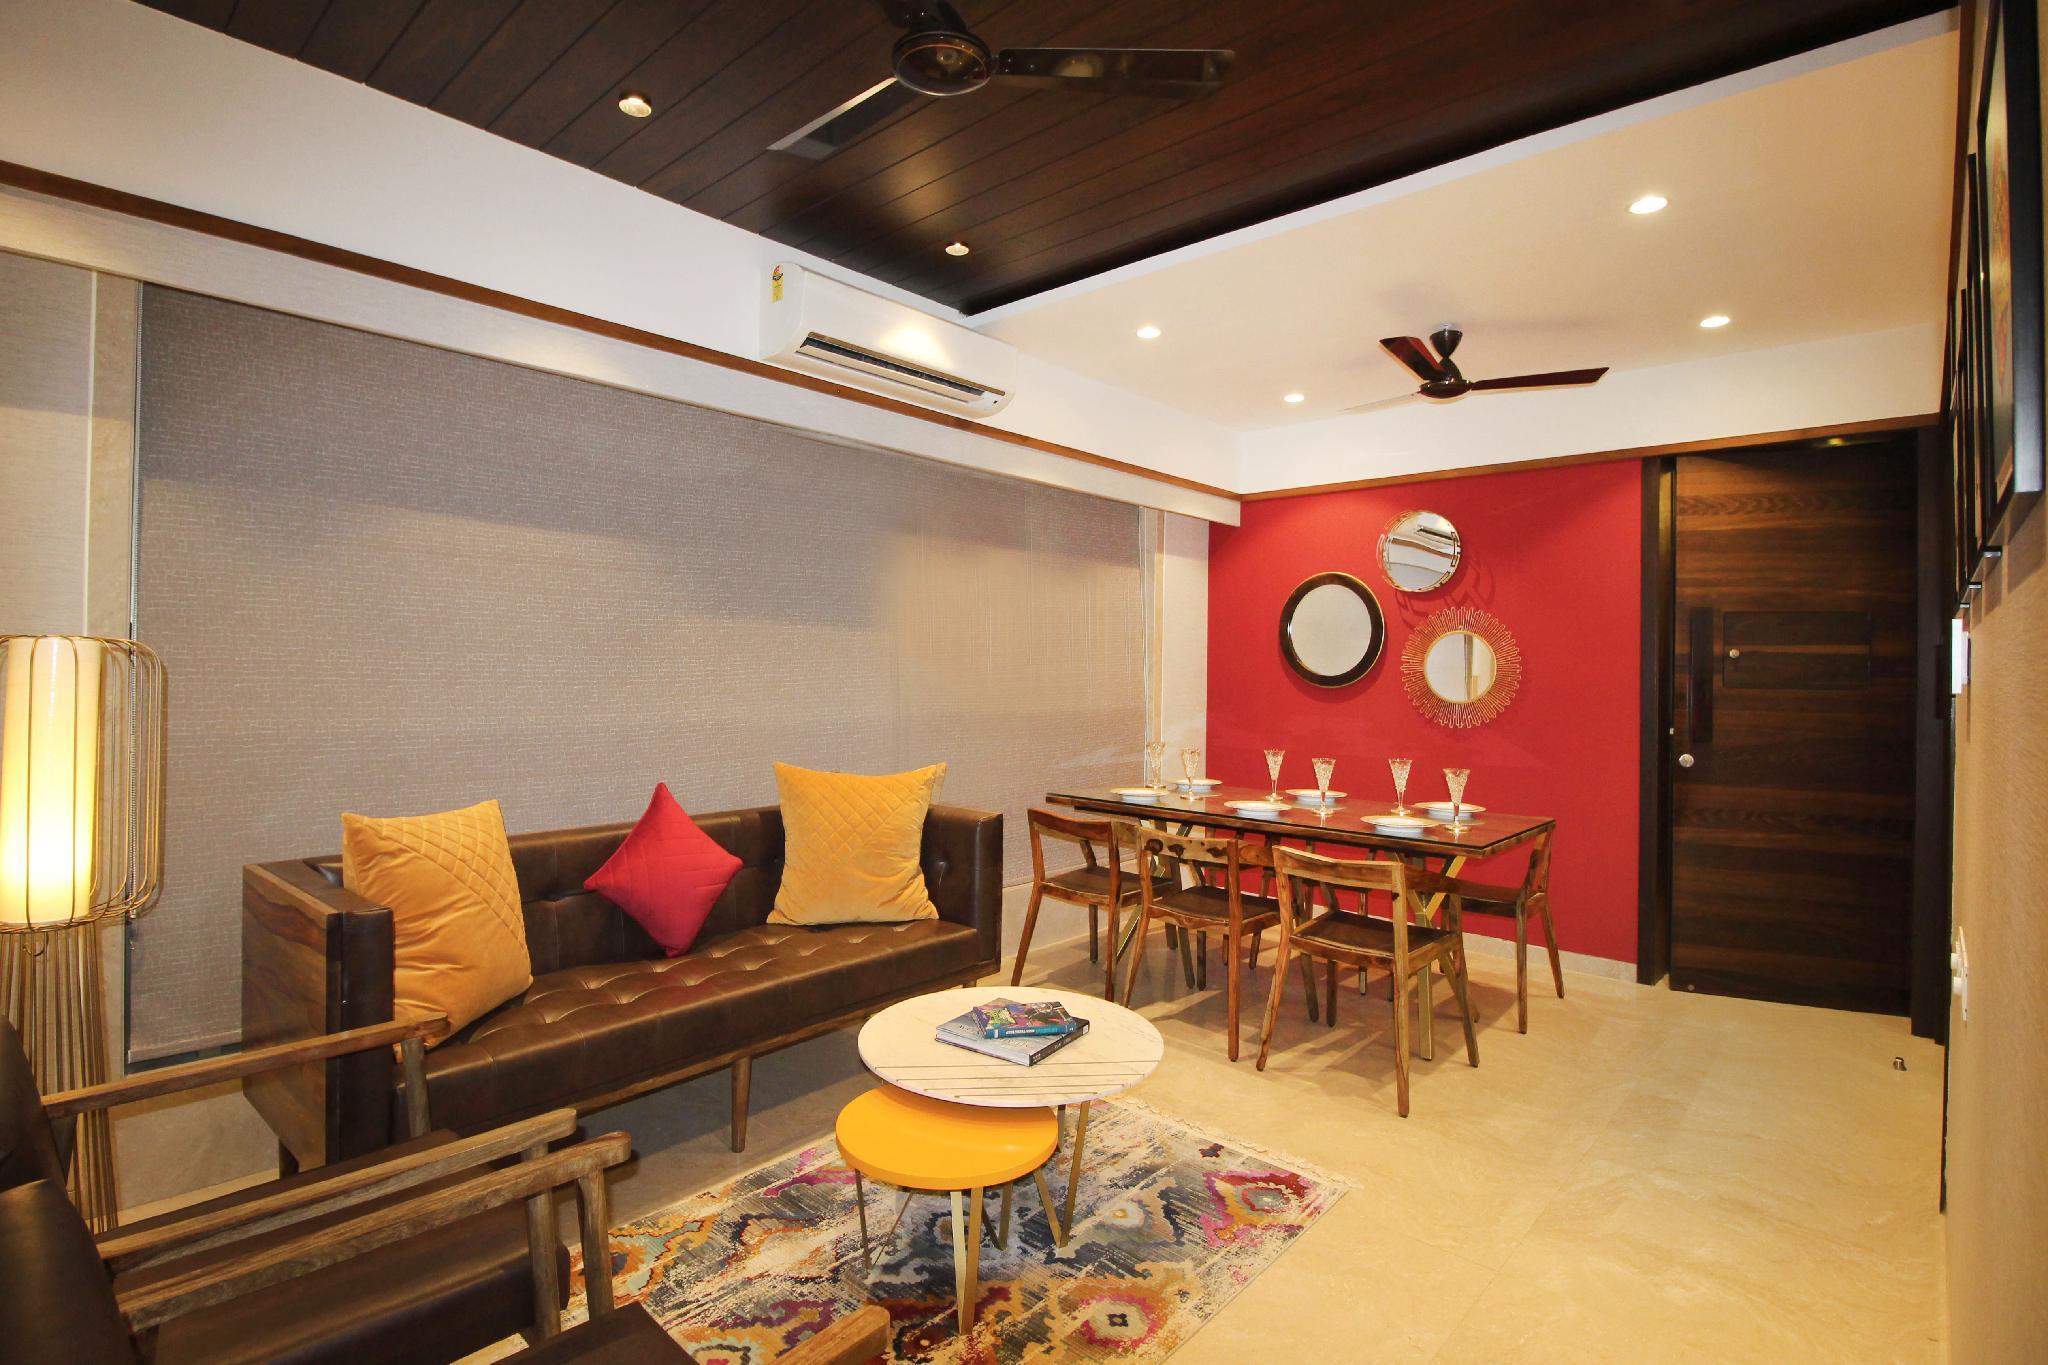 Premium 2BHK Apartment In Bandra West